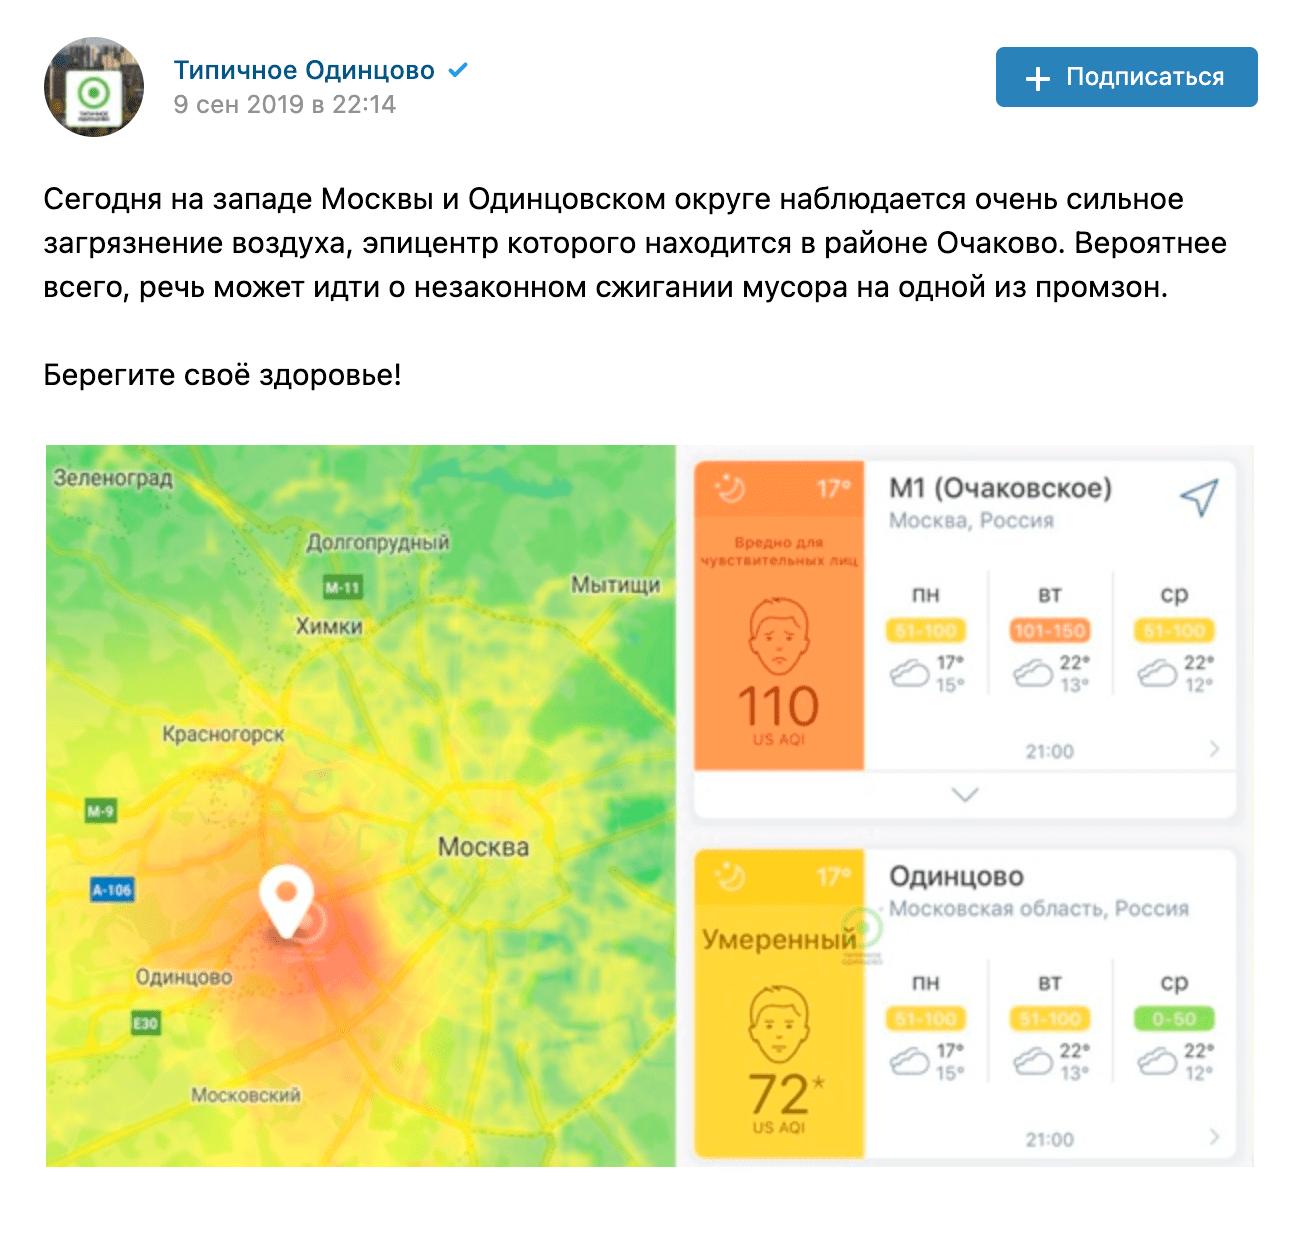 Если верить сайтам мониторинга, на западе столицы с чистотой воздуха далеко не всегда все хорошо — из-за близости к промзоне Очаково. По ночам там периодически жгут мусор и гарь идет на жилые кварталы